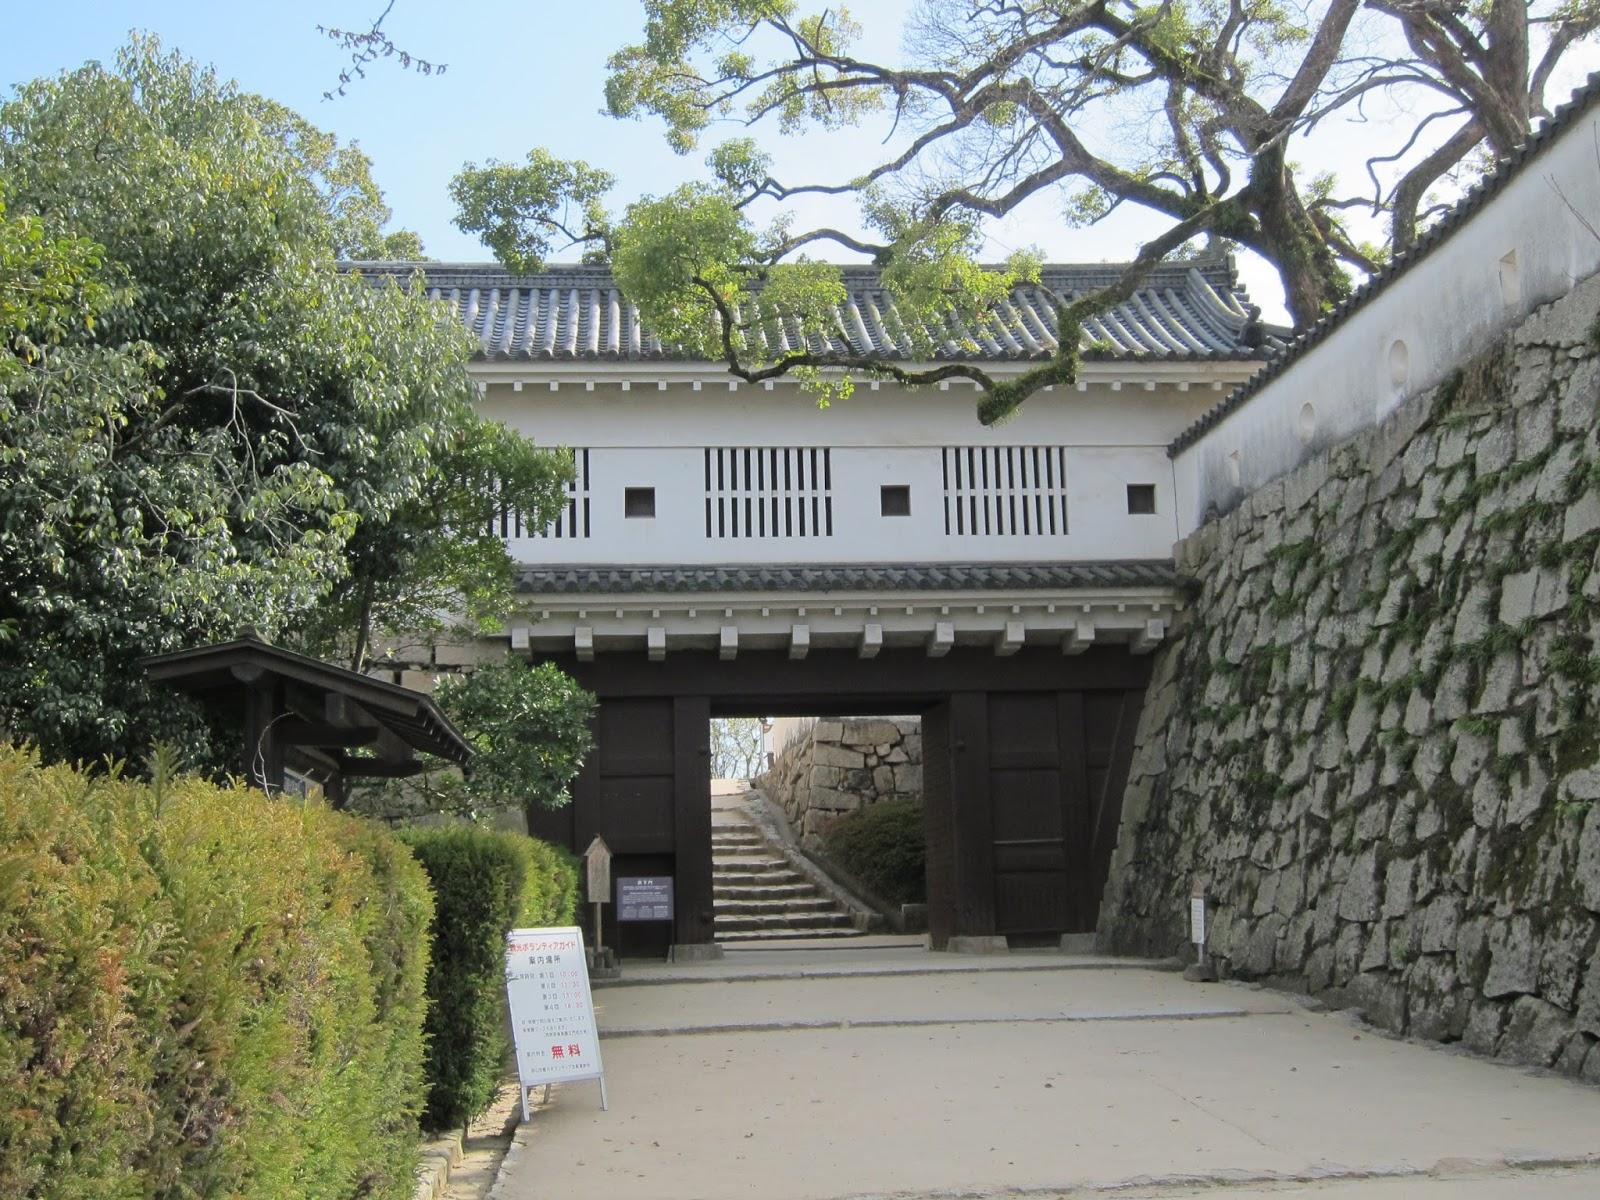 22 03 2016 Okayama Burg Korakuen Garten Auf Grossen Fussen Durch